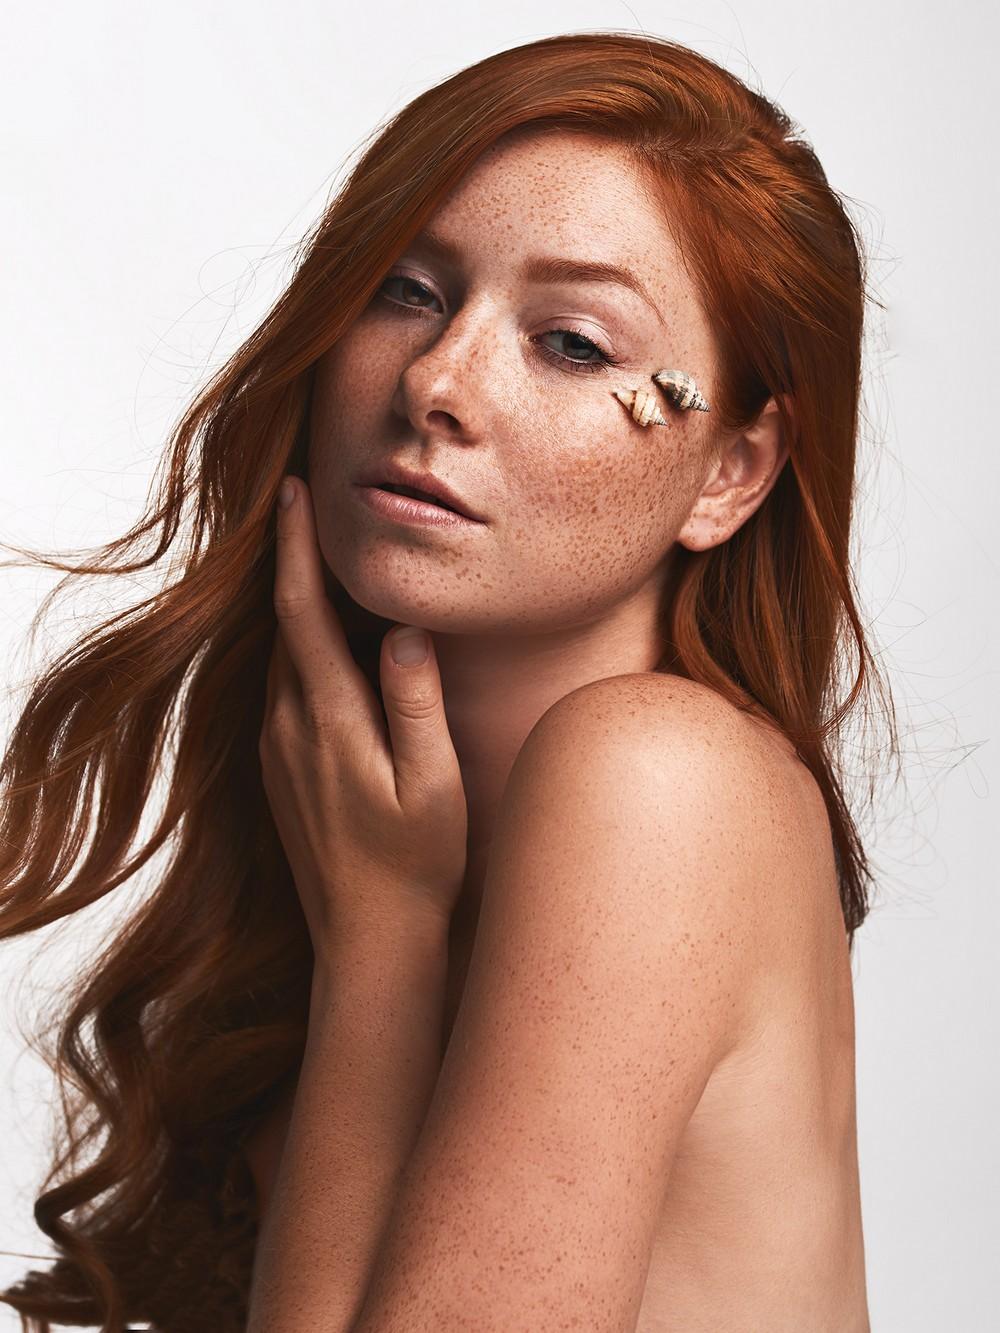 Чувственные портреты девушек от Эрика Хюкштеда